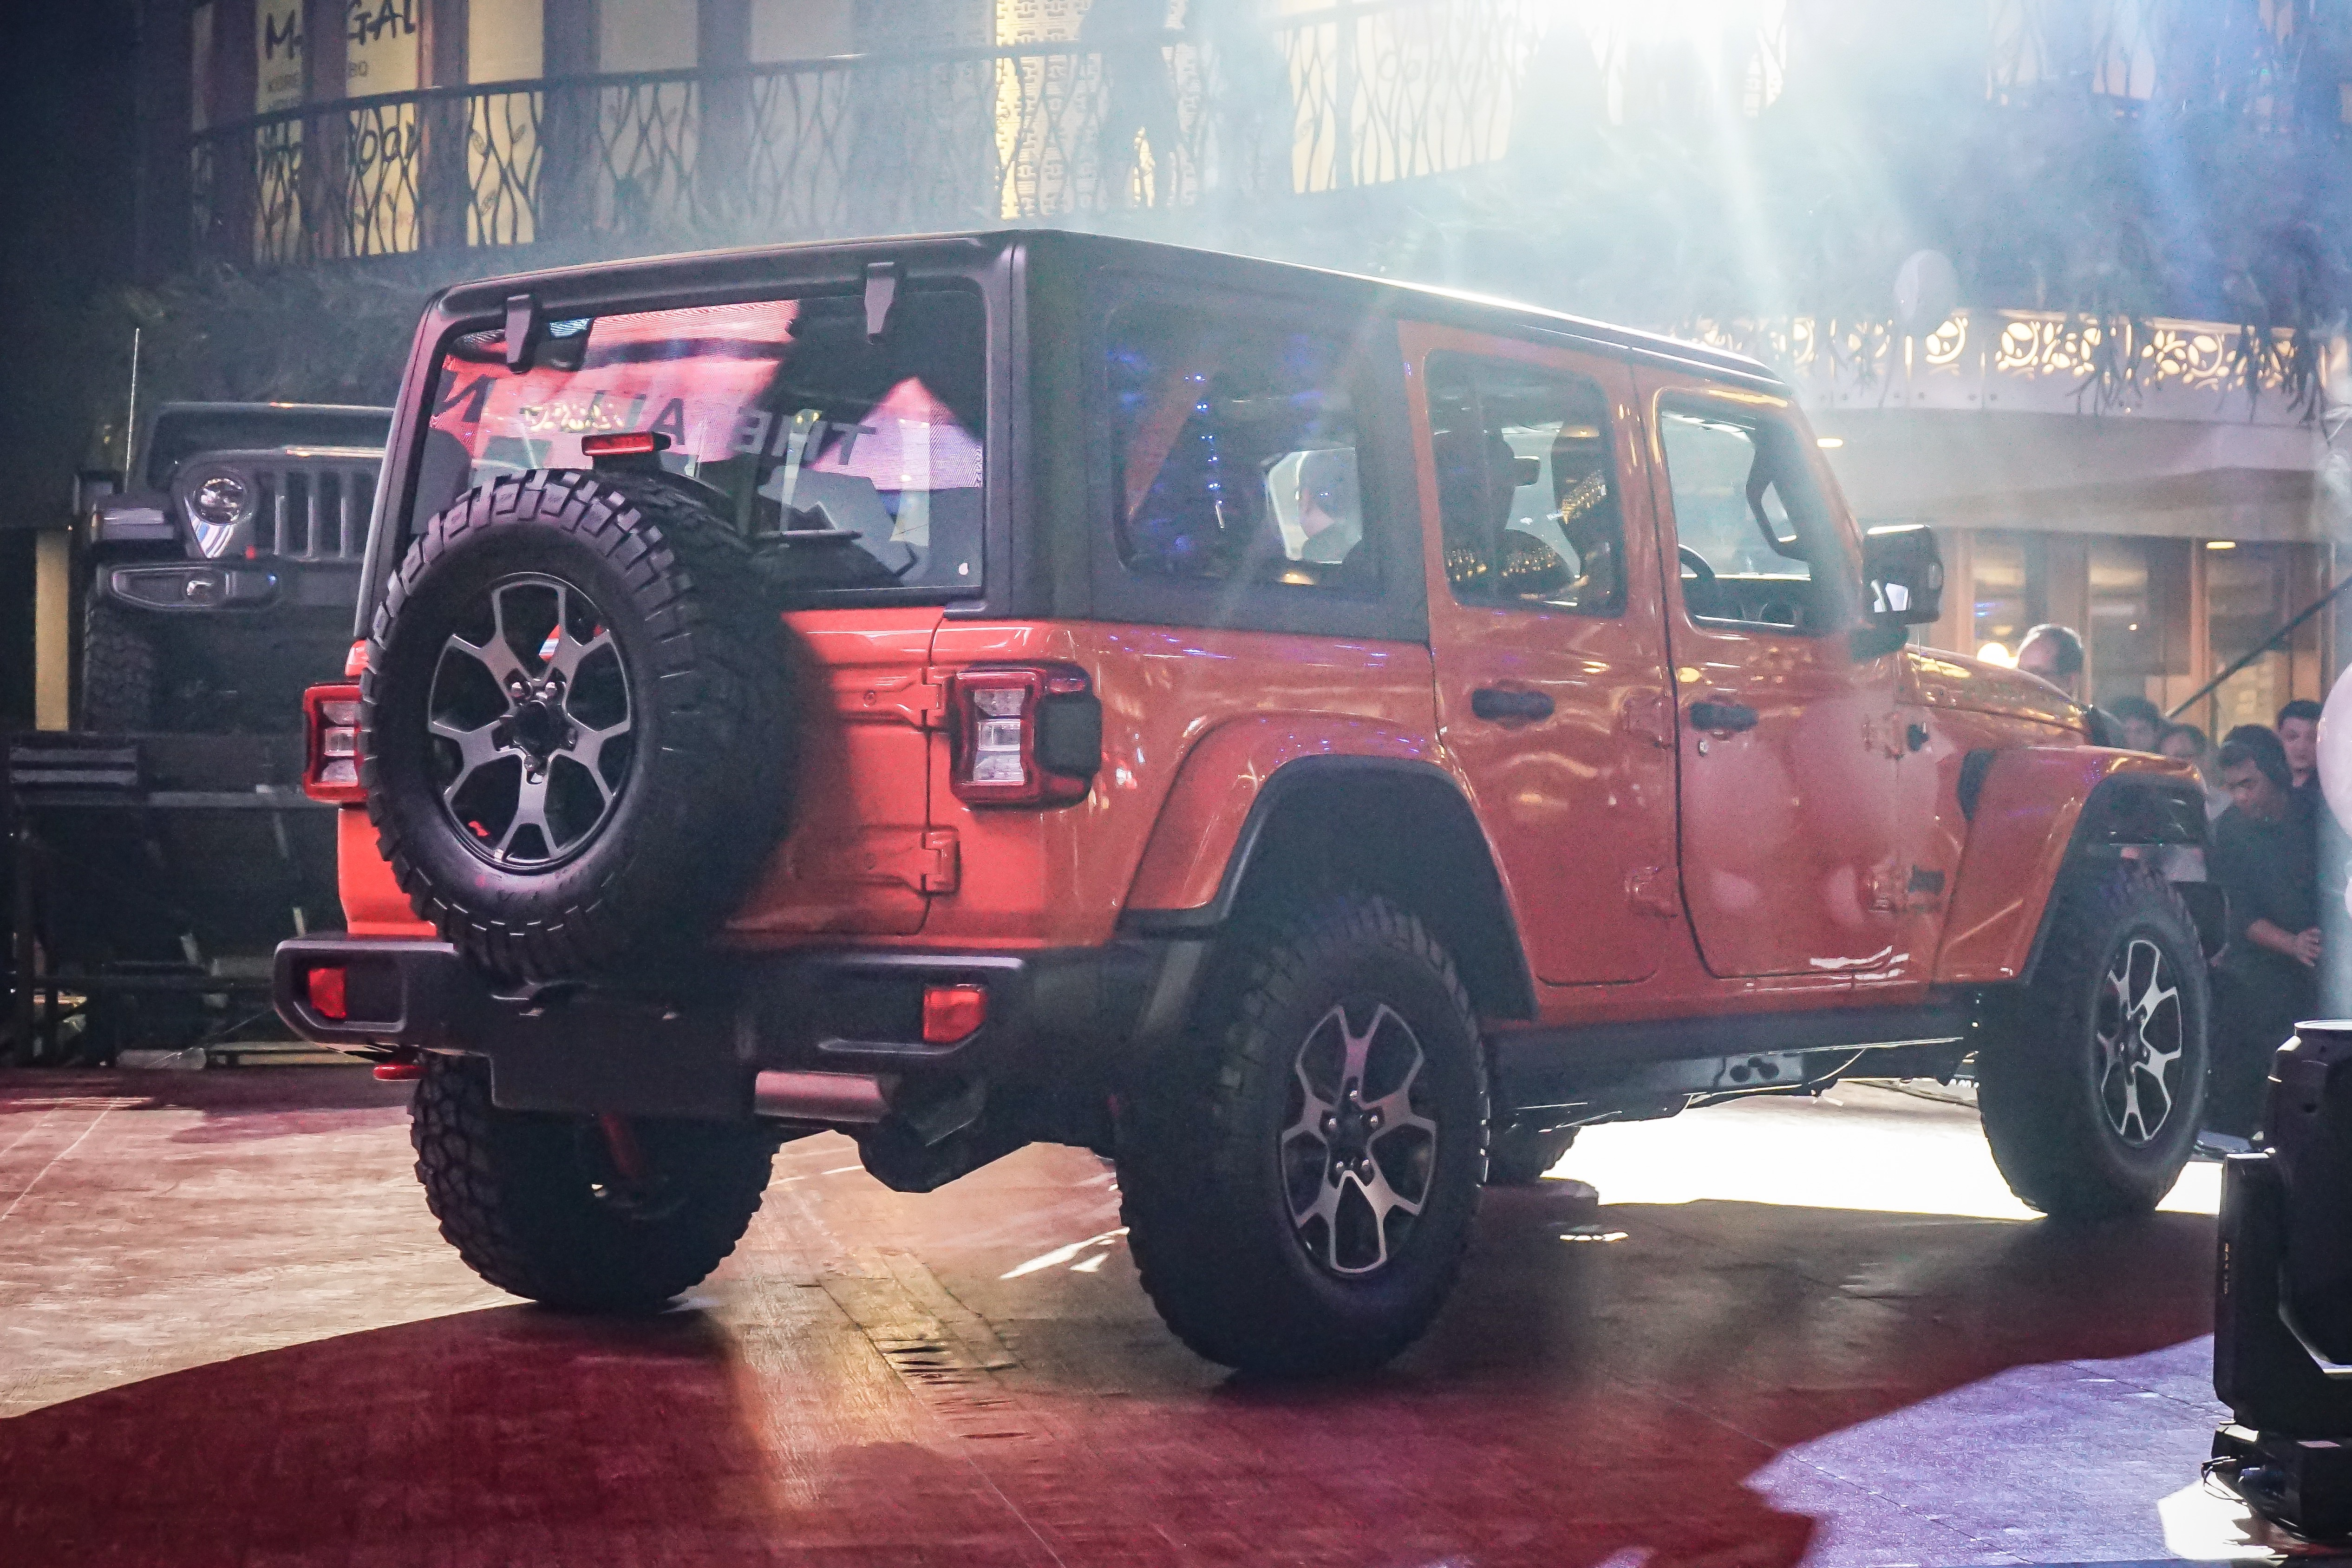 Ini Spesifikasi Lengkap Jeep Wrangler Baru Indonesia Yang 2 000cc